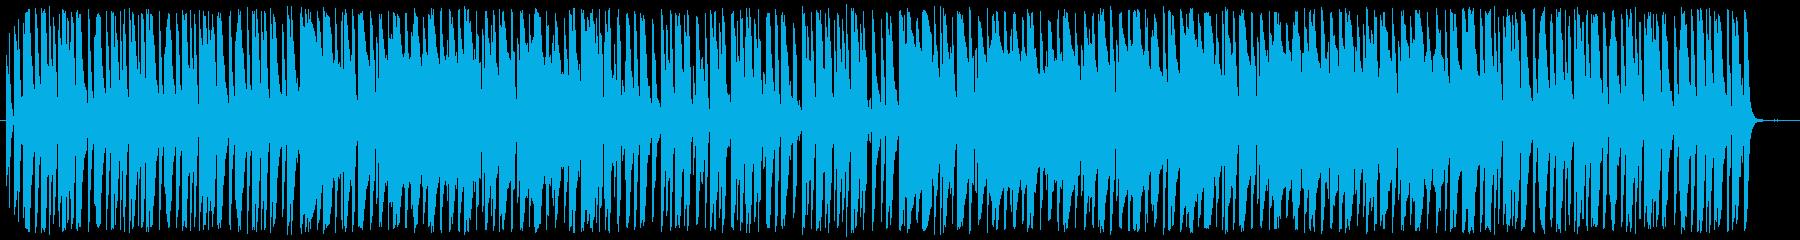 爽やかでほのぼのとしたかわいい系BGMの再生済みの波形